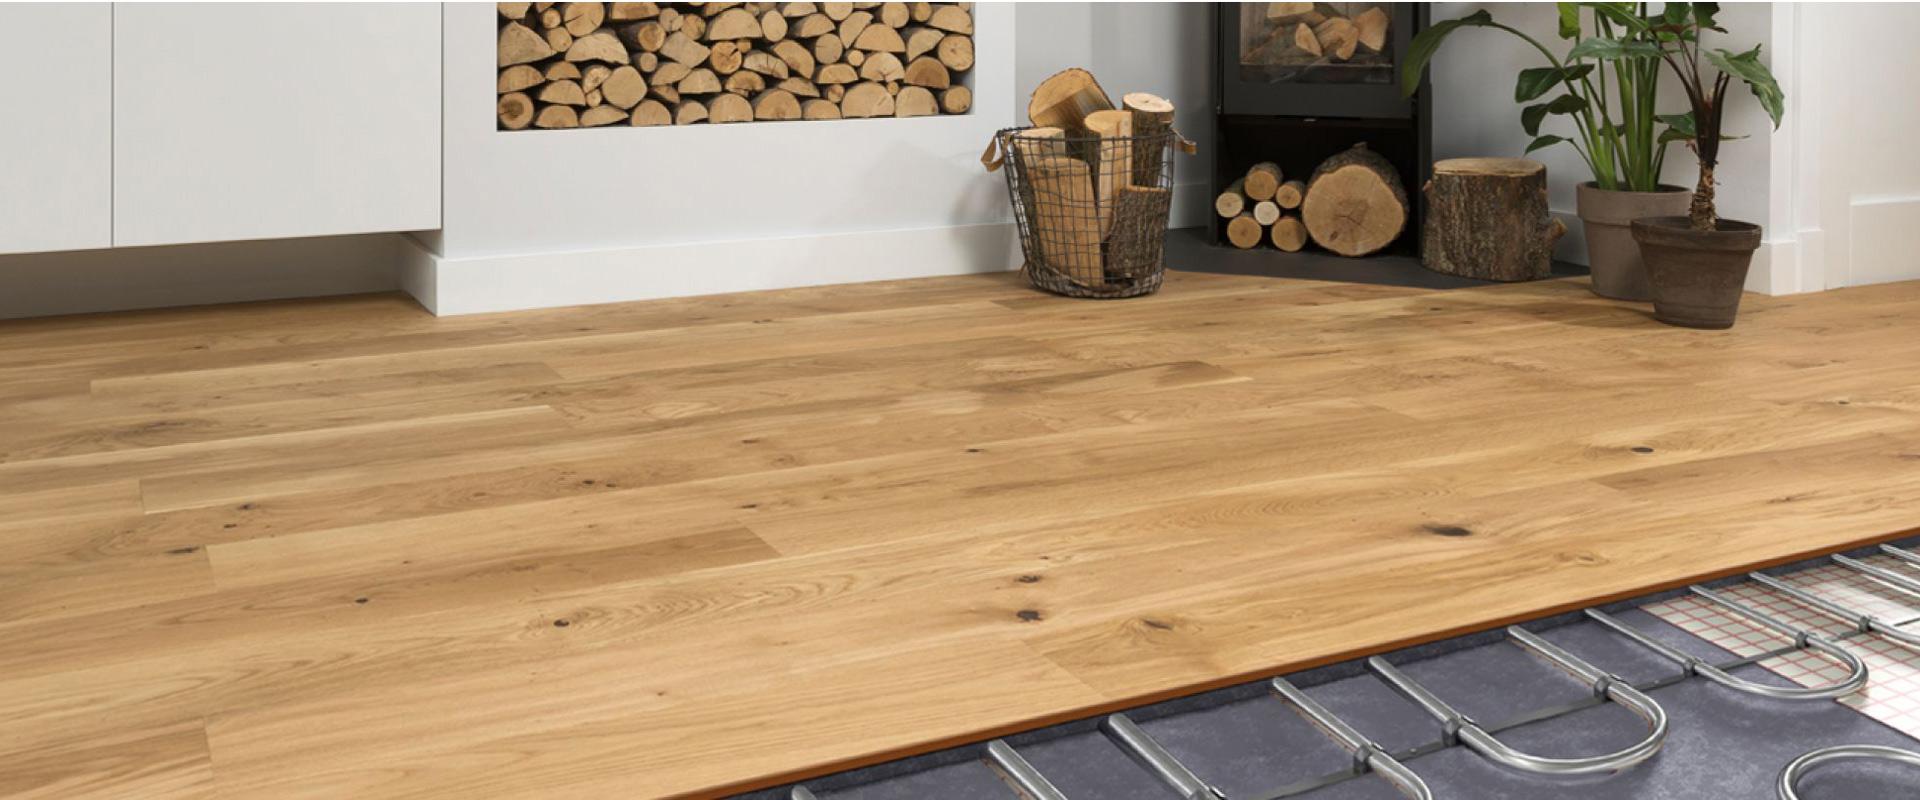 Vloerkoeling met een houten vloer van Vloerenland